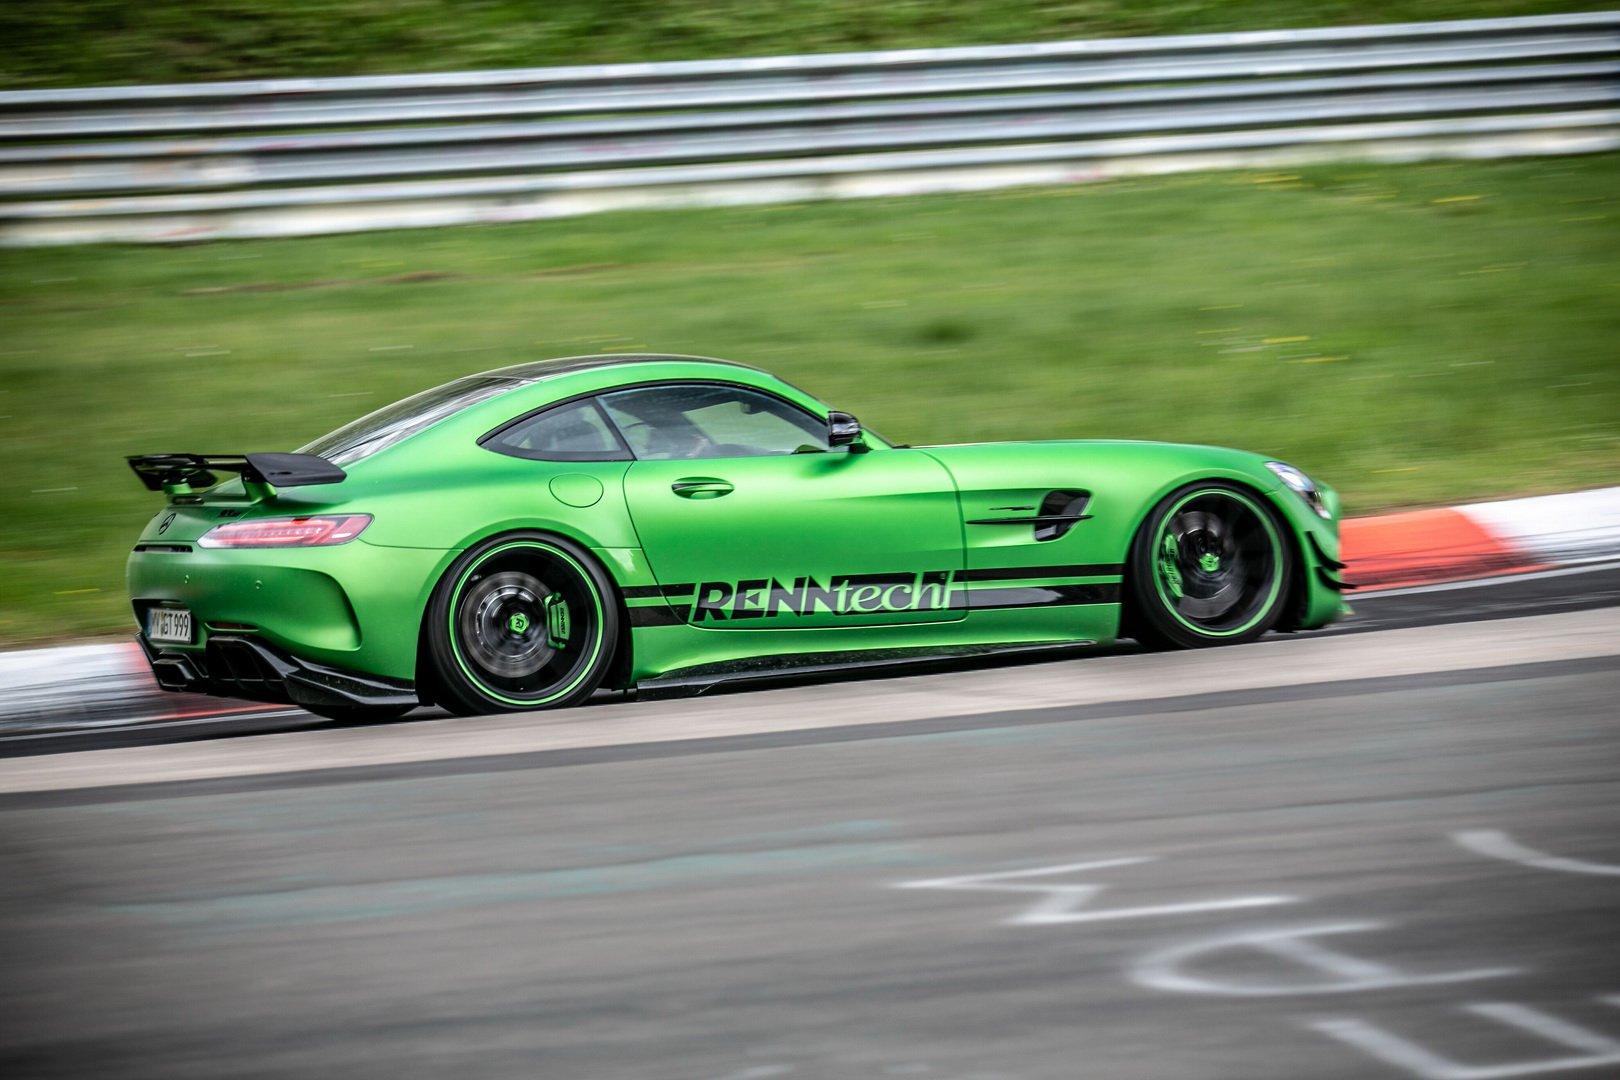 Mercedes-AMG GT R Renntech a Nürburgringen